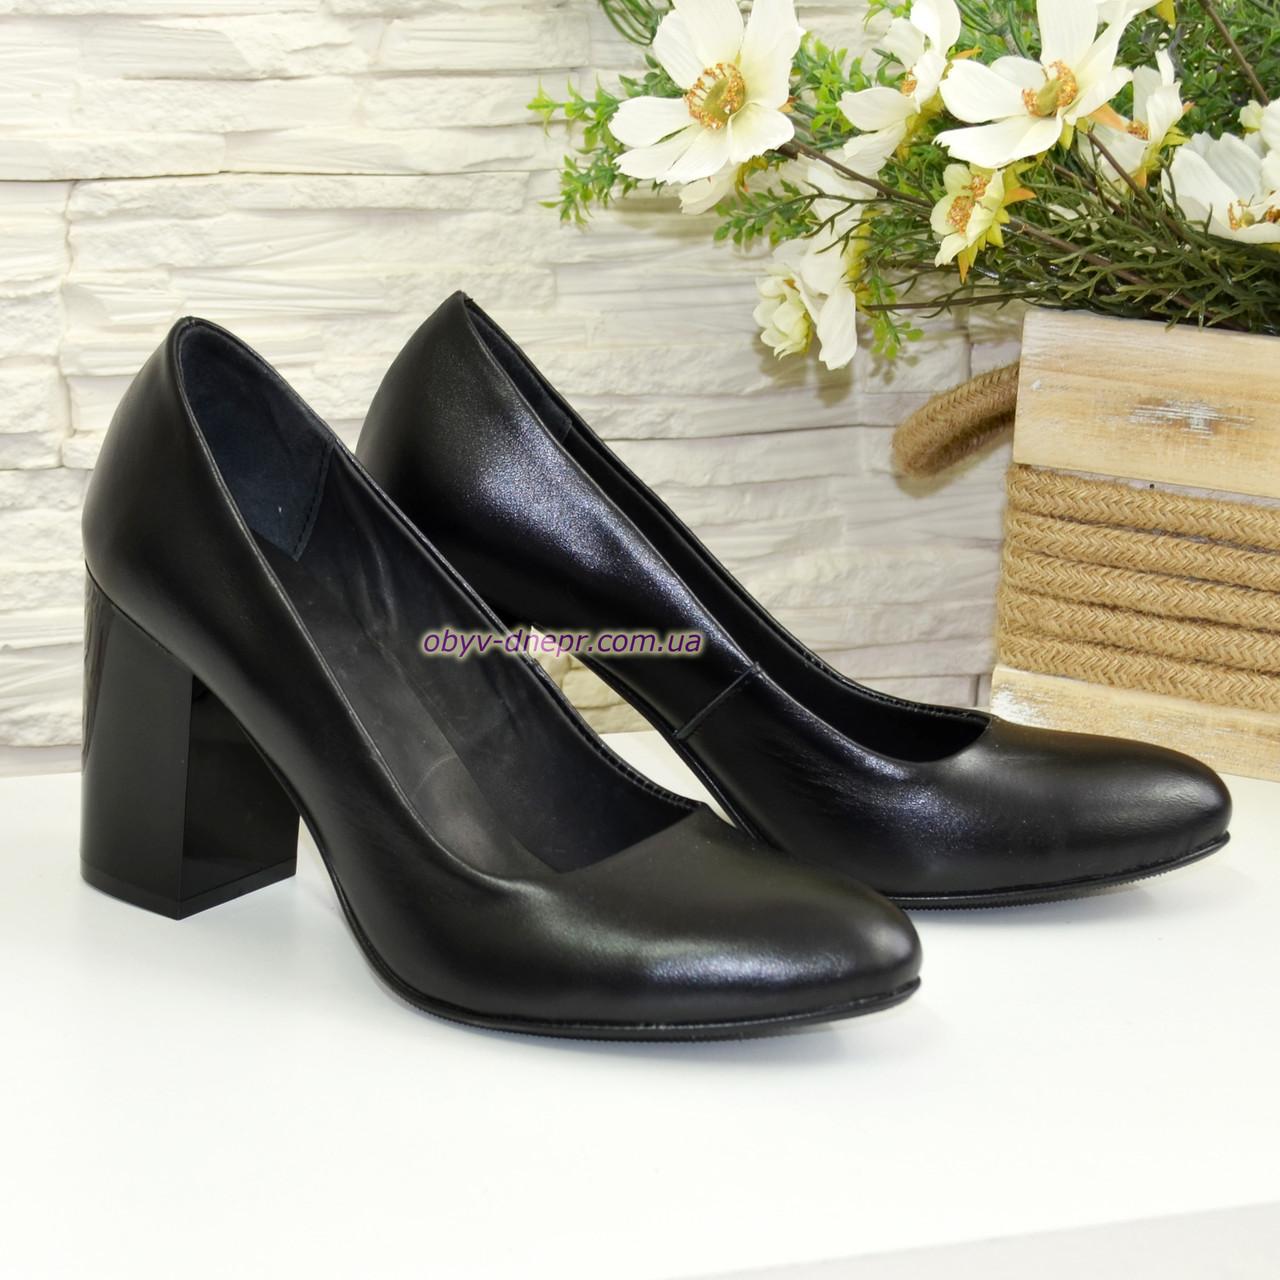 94be36fdd72b Женские кожаные черные классические туфли на каблуке. ТМ